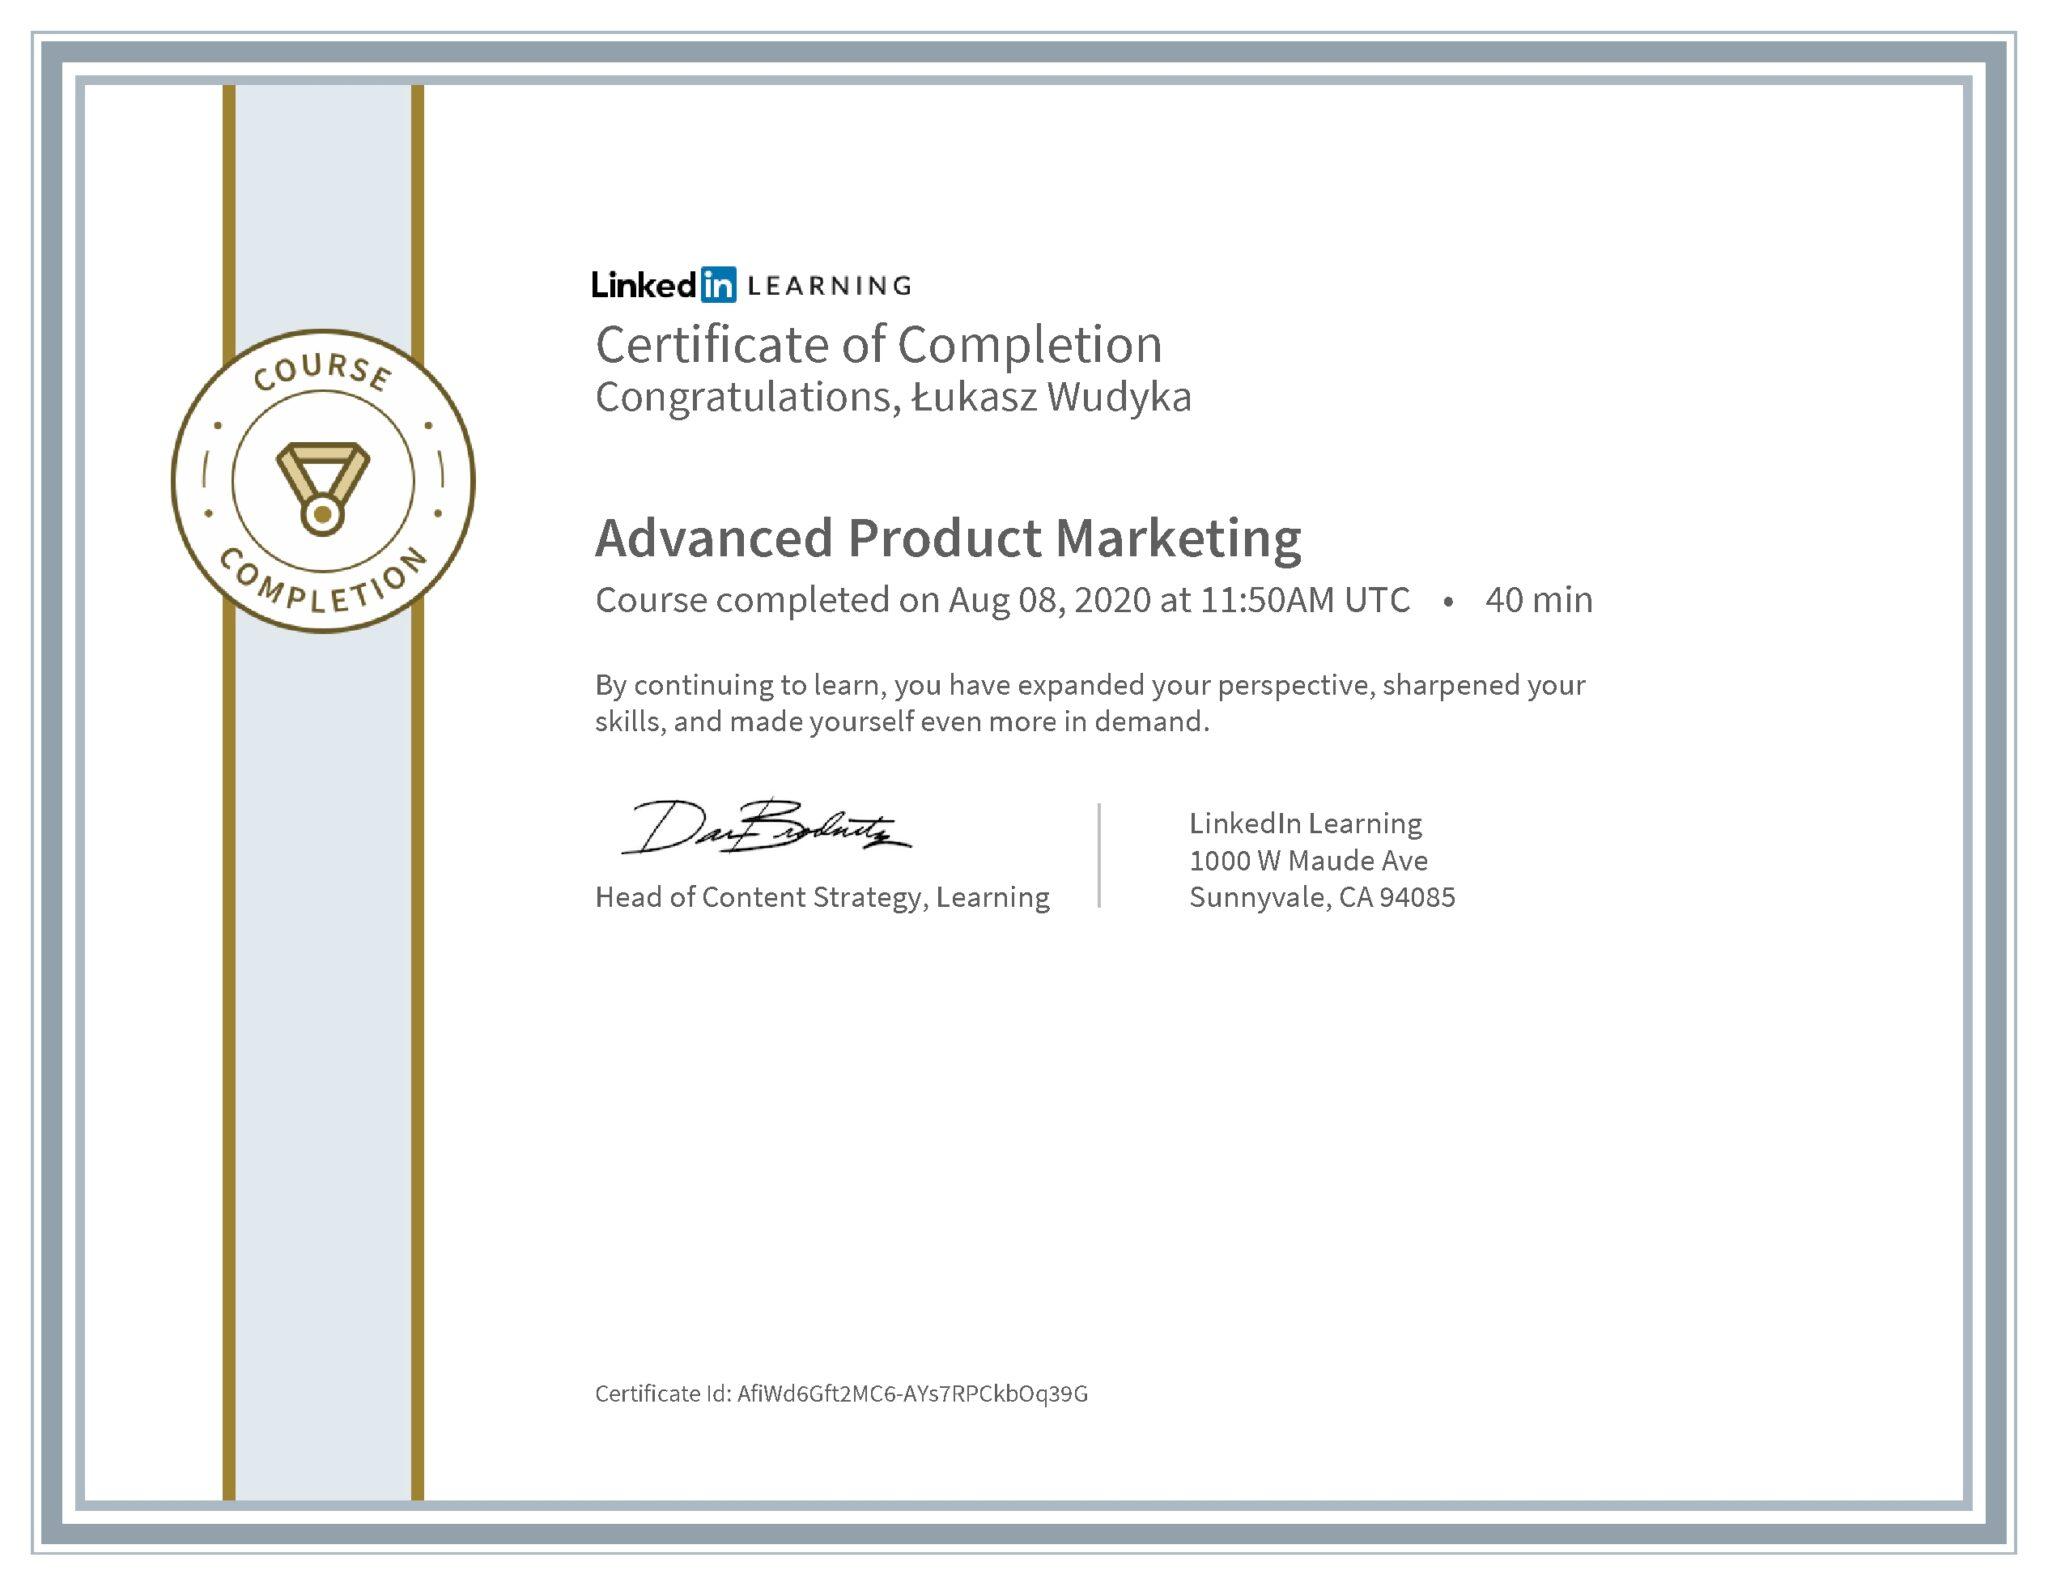 Łukasz Wudyka certyfikat LinkedIn Advanced Product Marketing